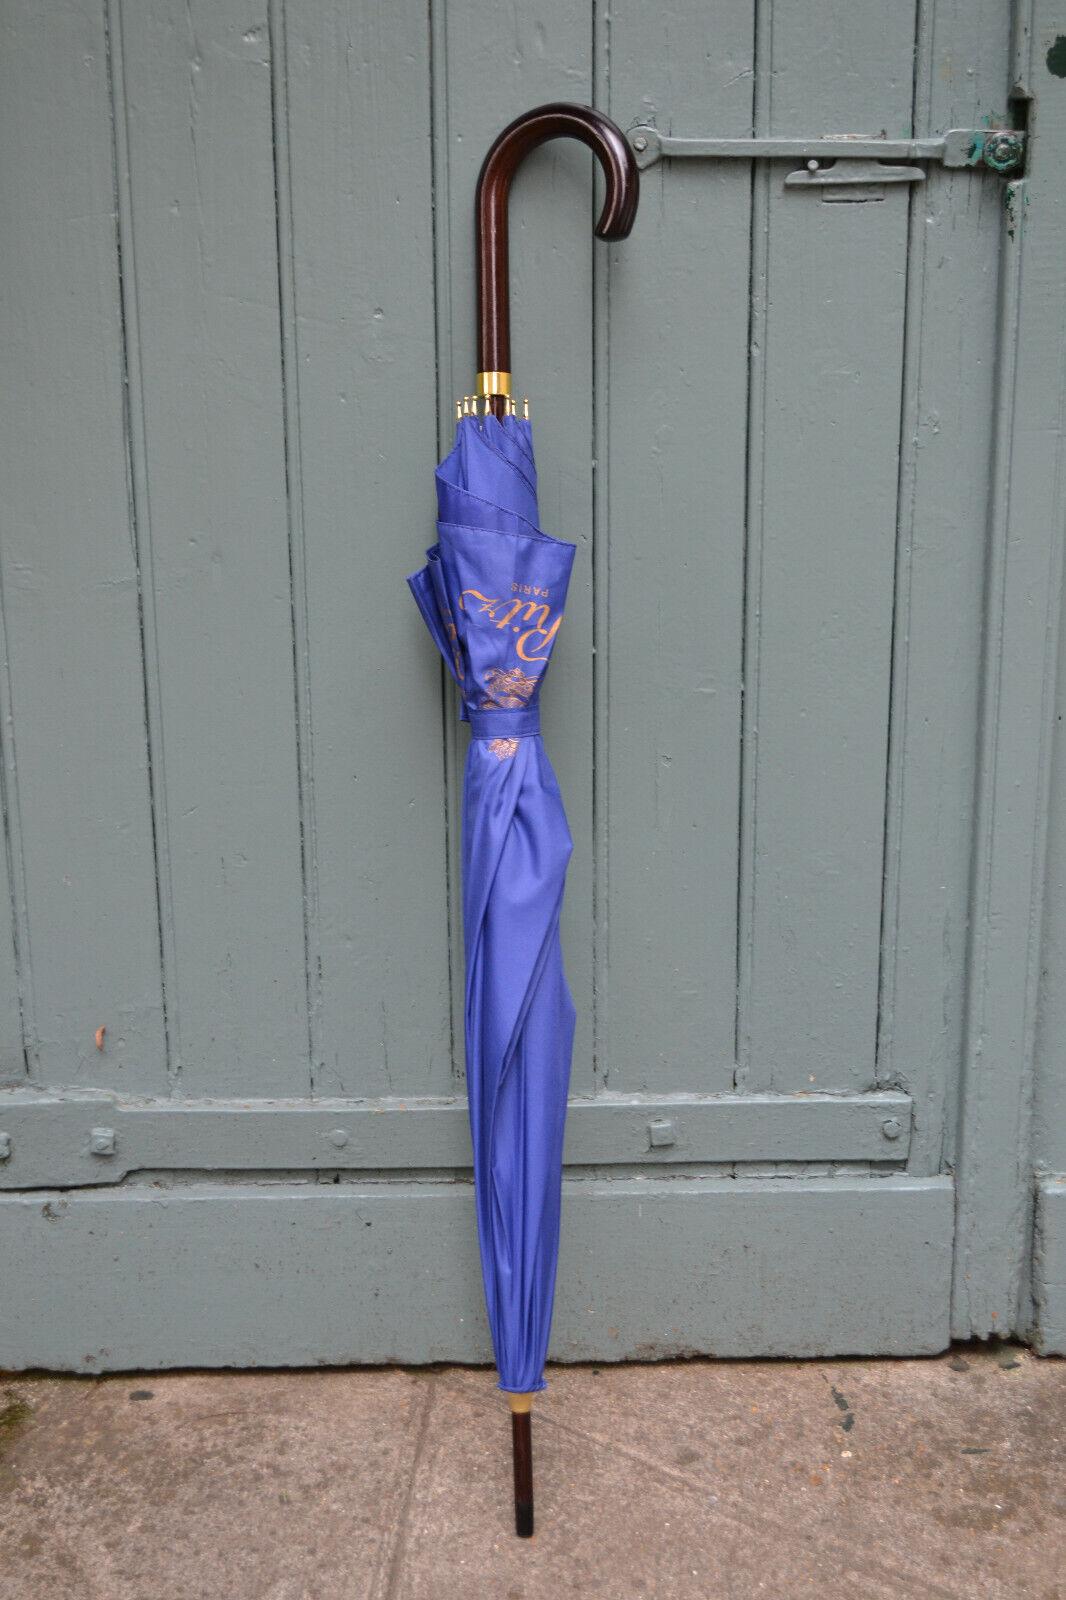 Parapluie ritz paris, bleu, acajou et or. comme neuf, near mint.